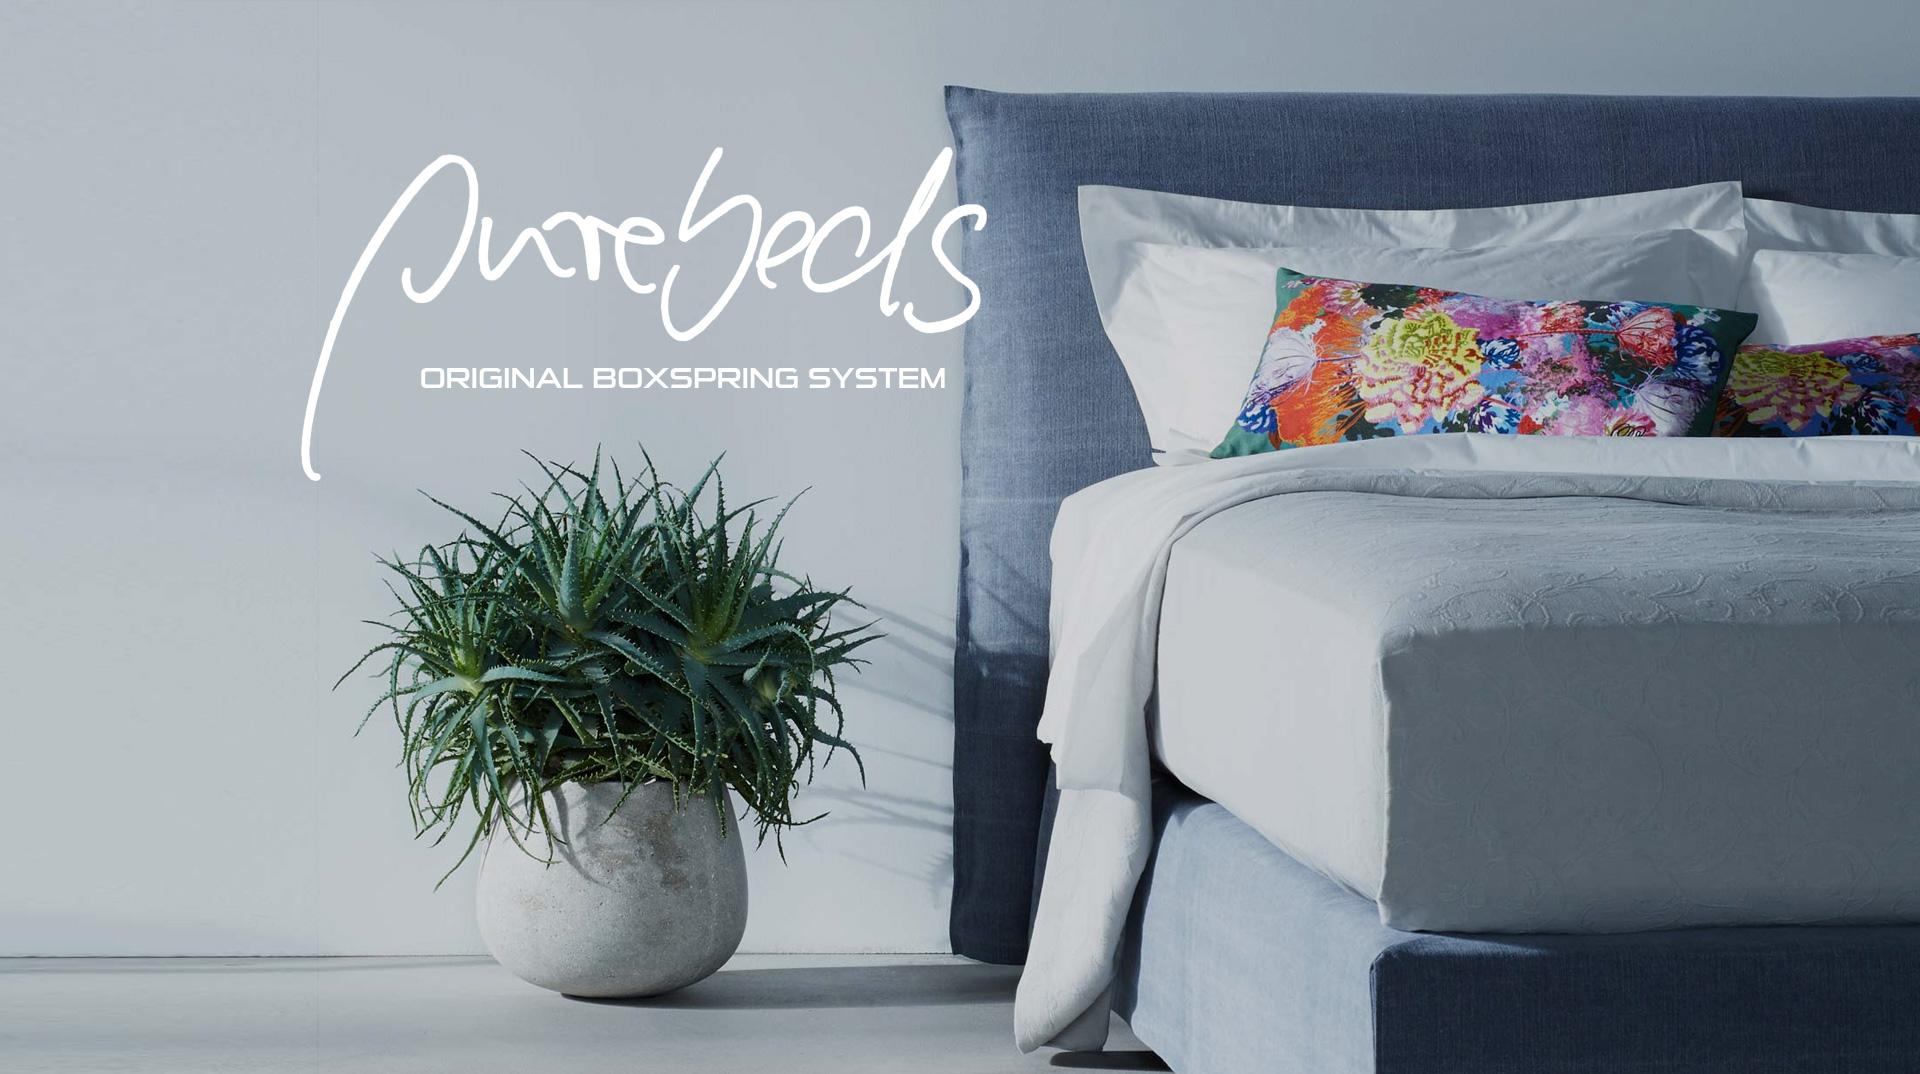 schramm purebeds schramm boxspringbetten in berlin. Black Bedroom Furniture Sets. Home Design Ideas